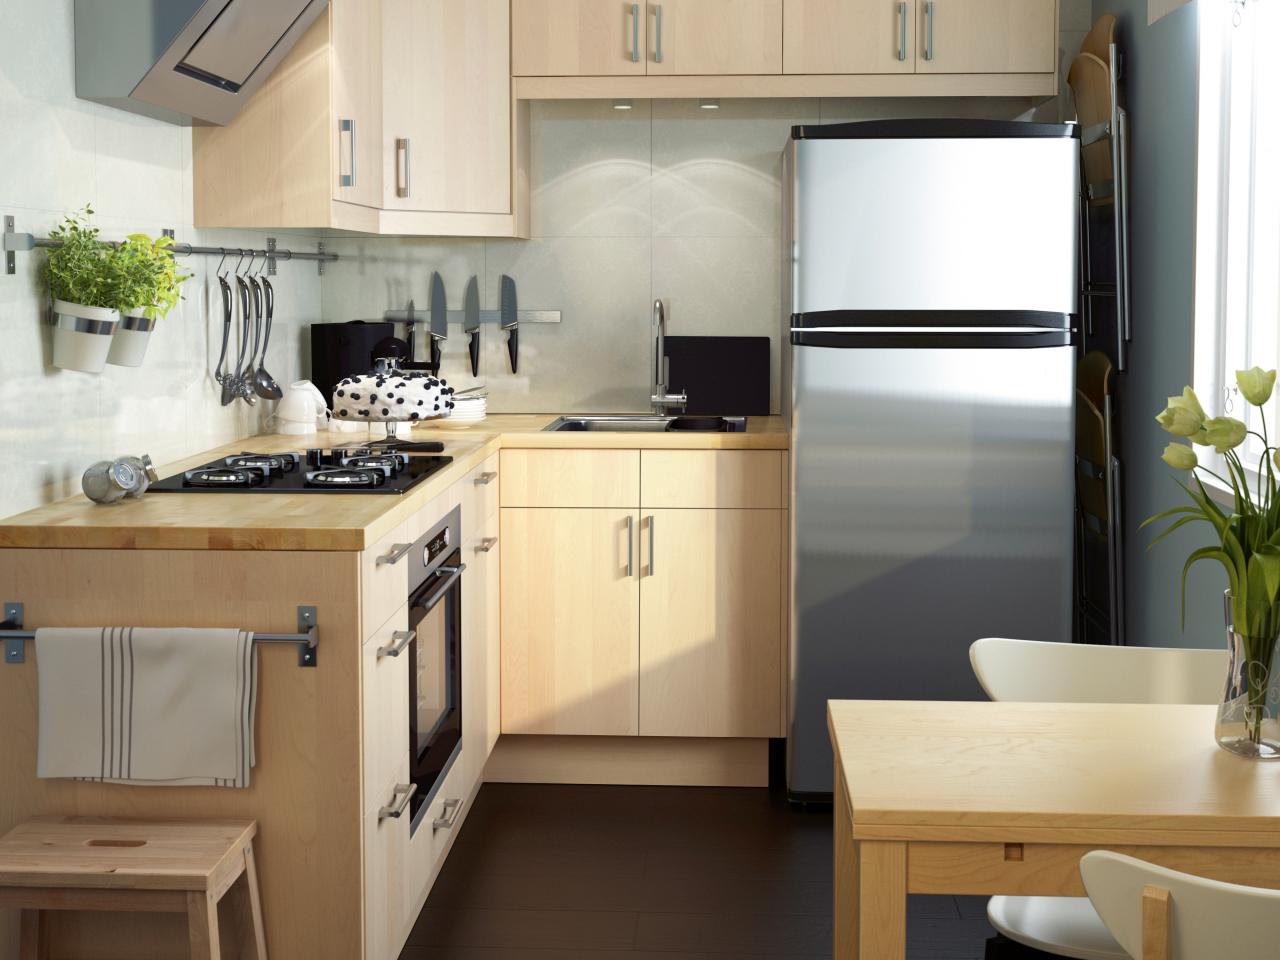 Светлая мебель в дизайне кухни 6 кв.м